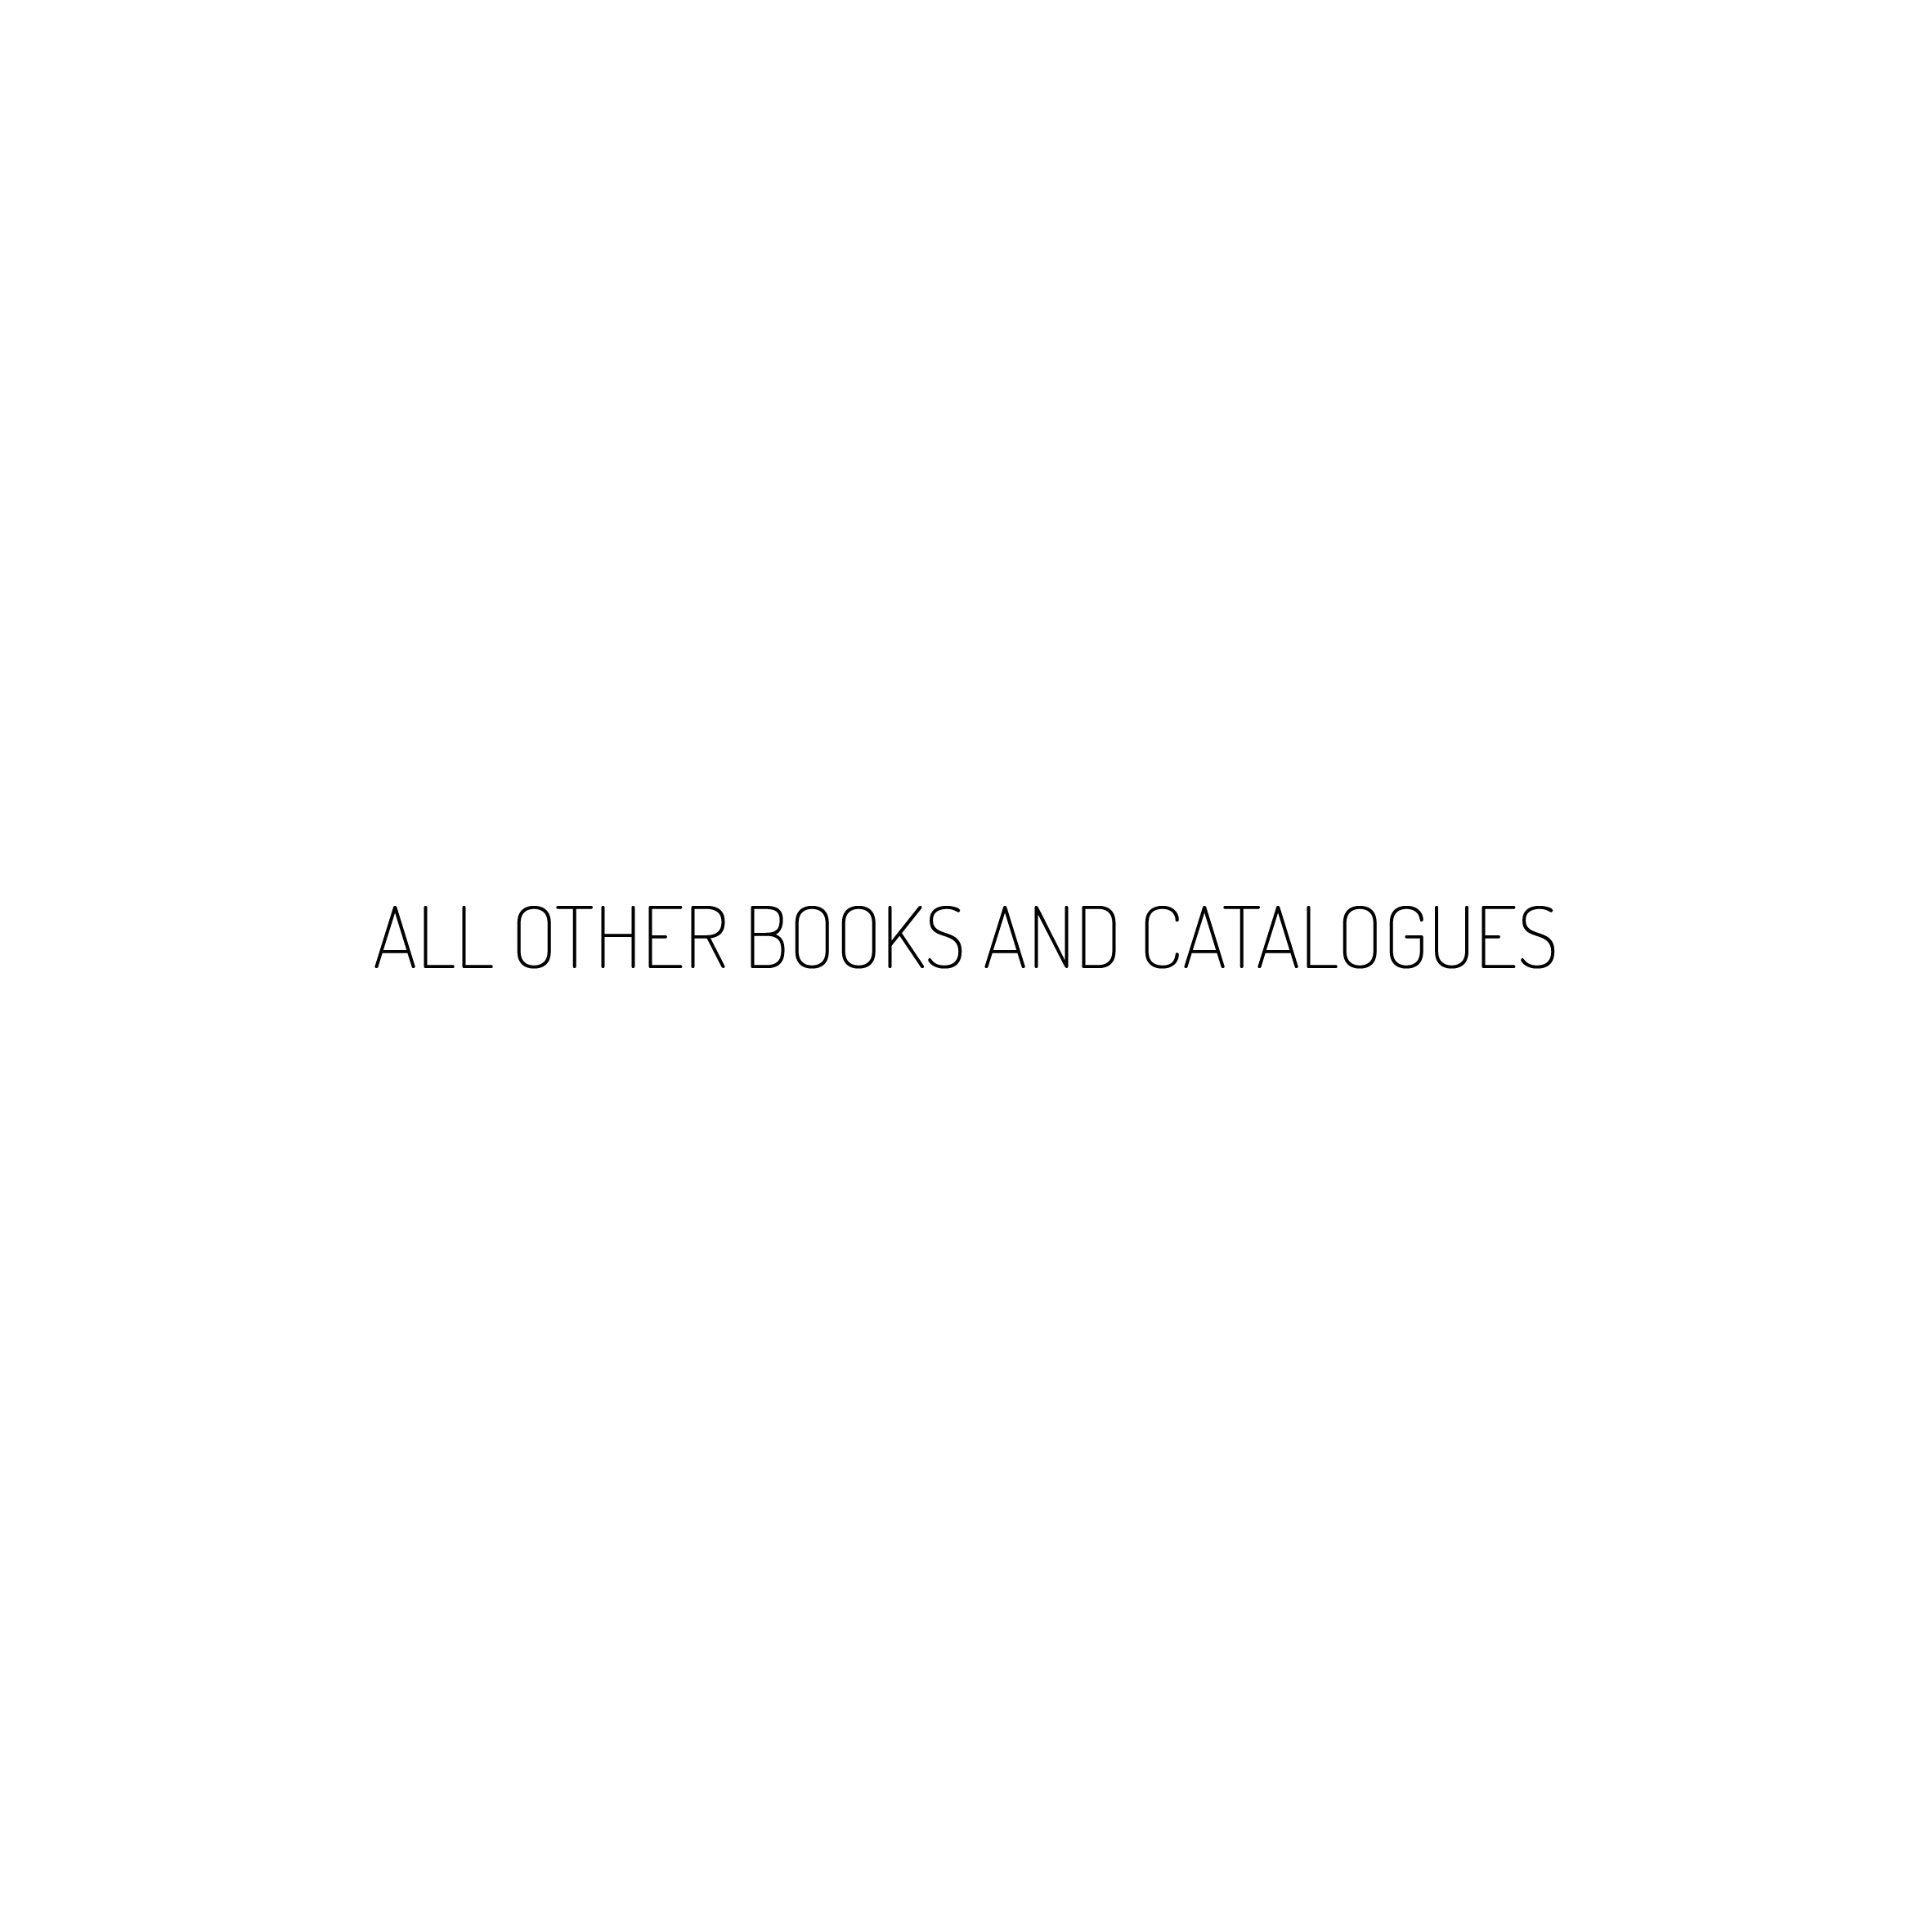 Separadores sección Publications-04